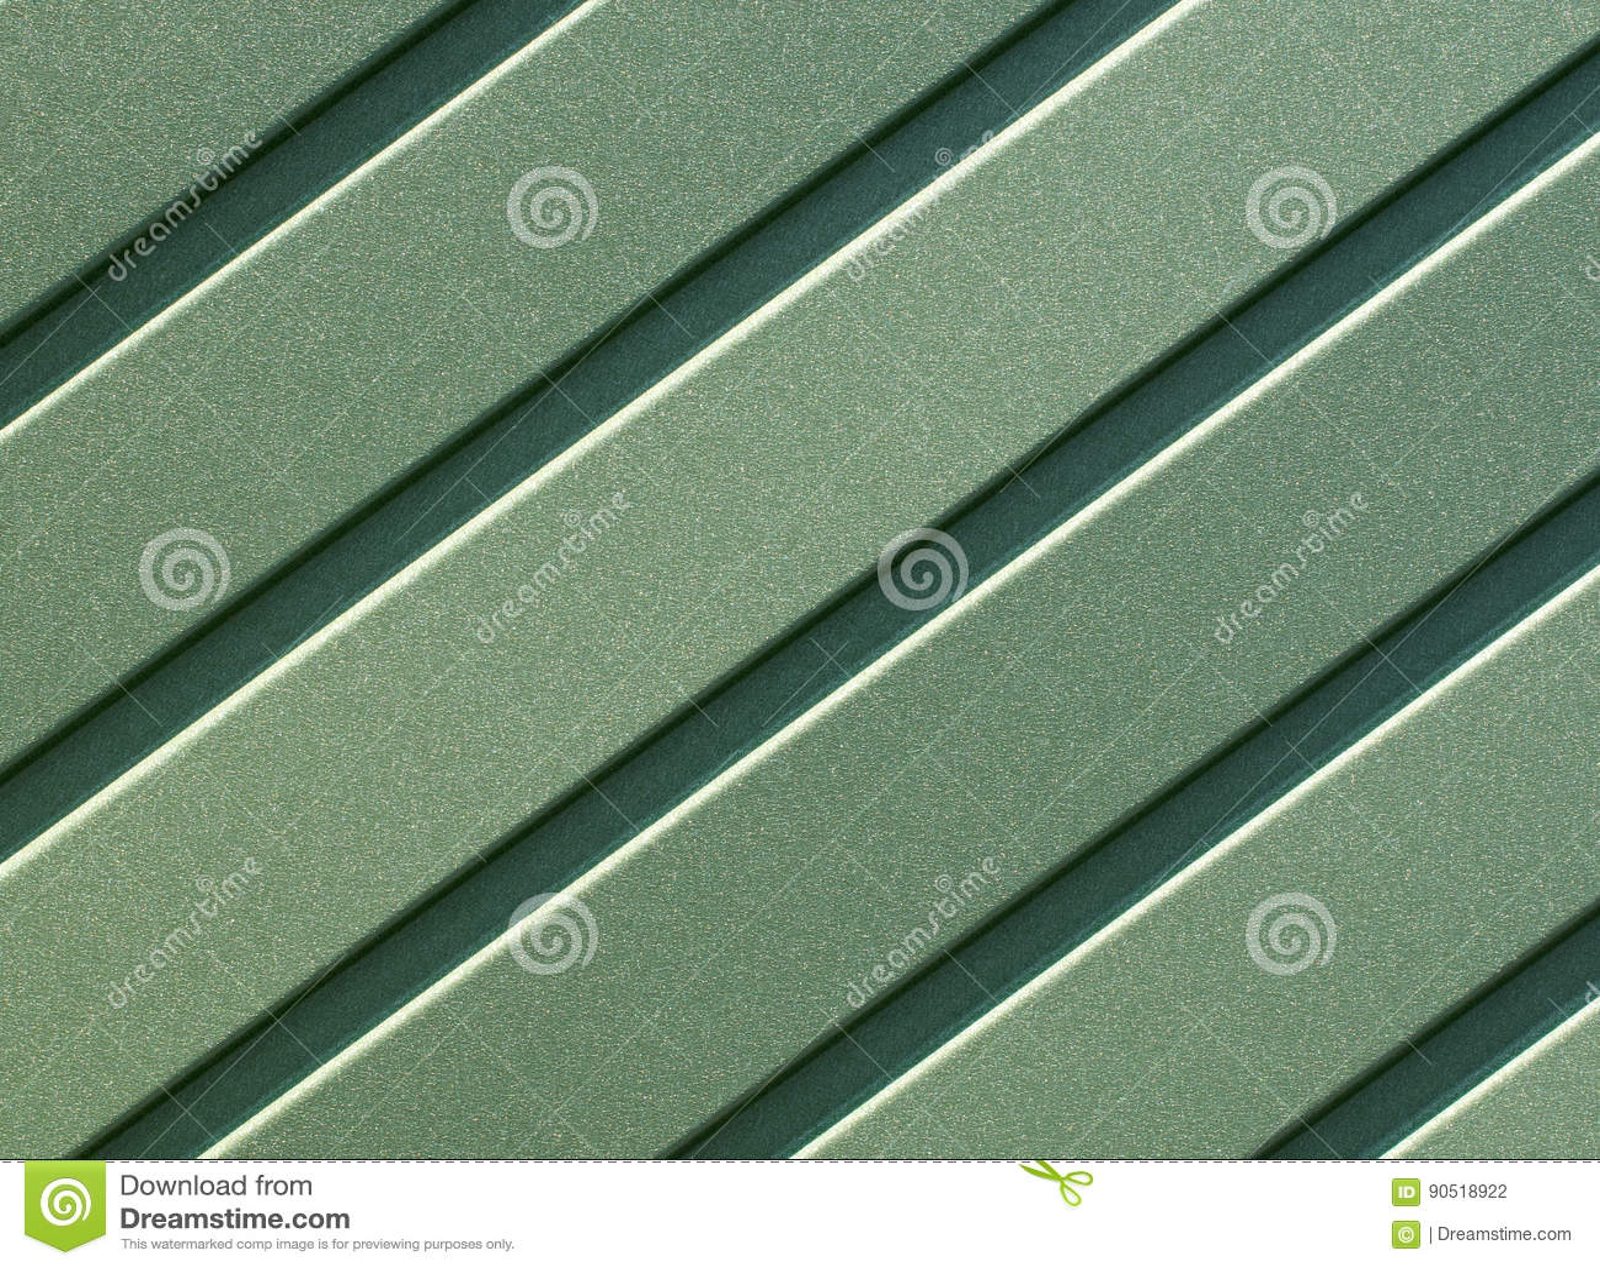 t le d 39 acier ondul e verte avec les guides verticaux photo stock image du plaque outdoors. Black Bedroom Furniture Sets. Home Design Ideas